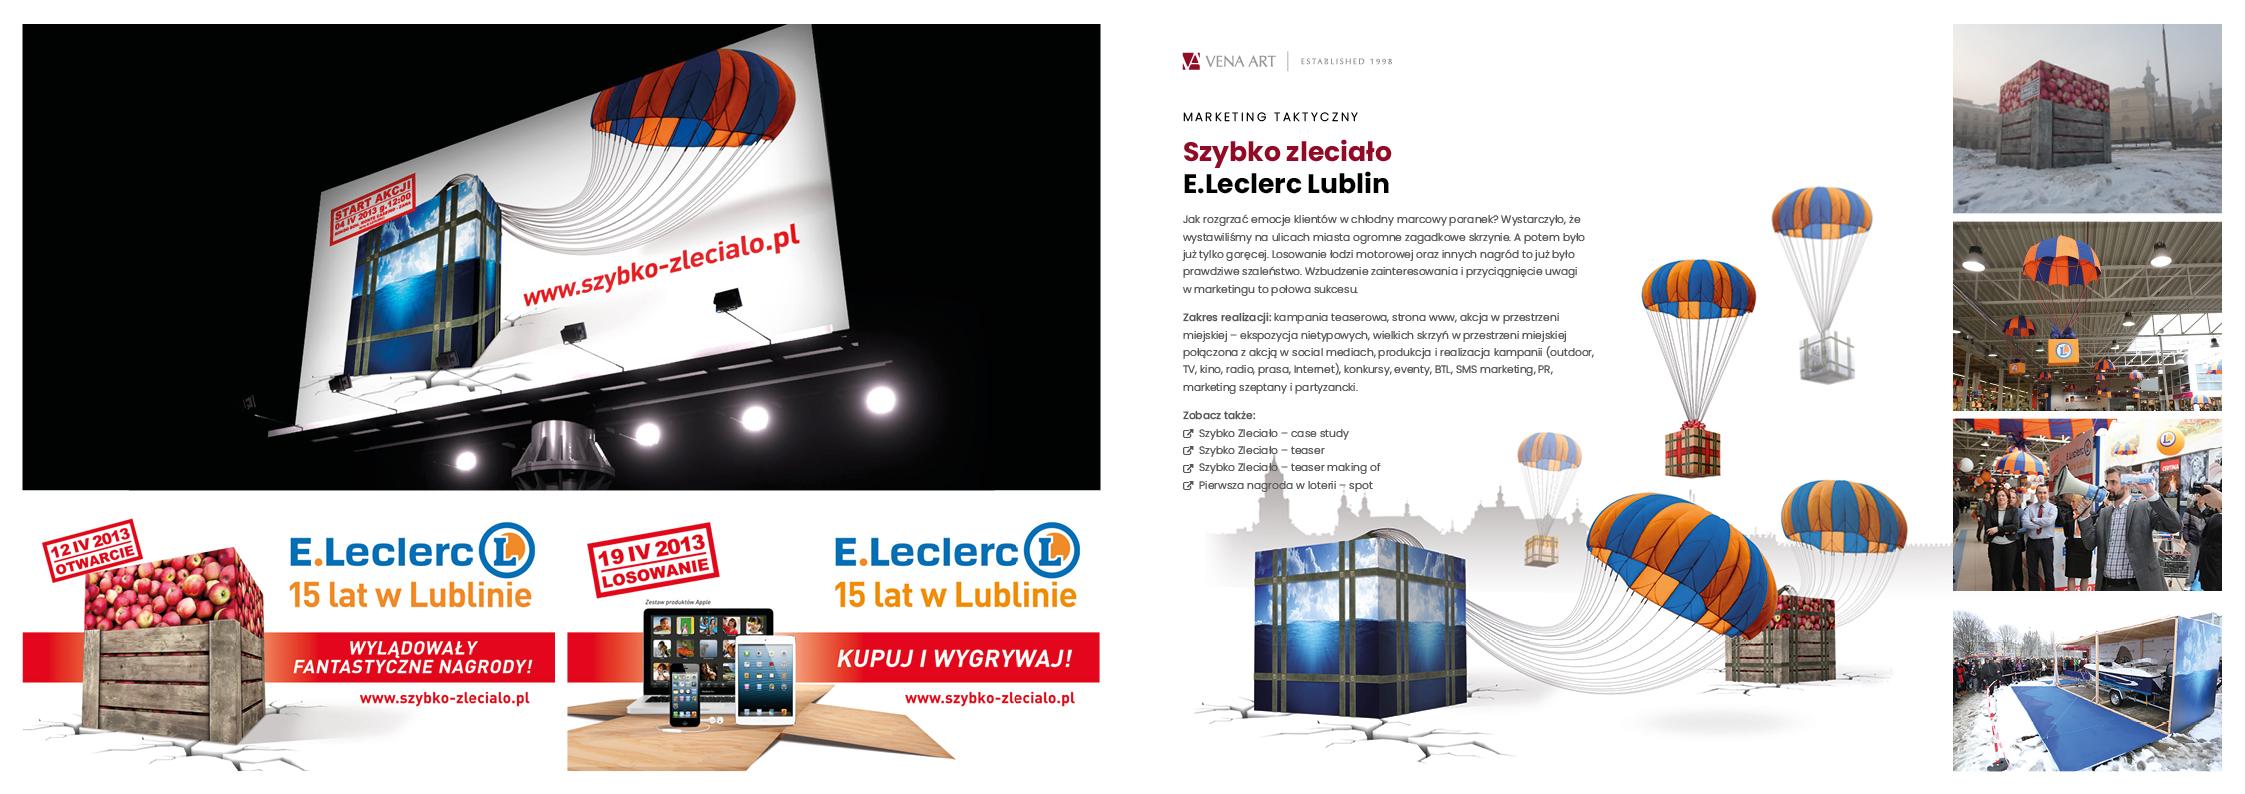 Szybko zleciało —E.Leclerc Lublin